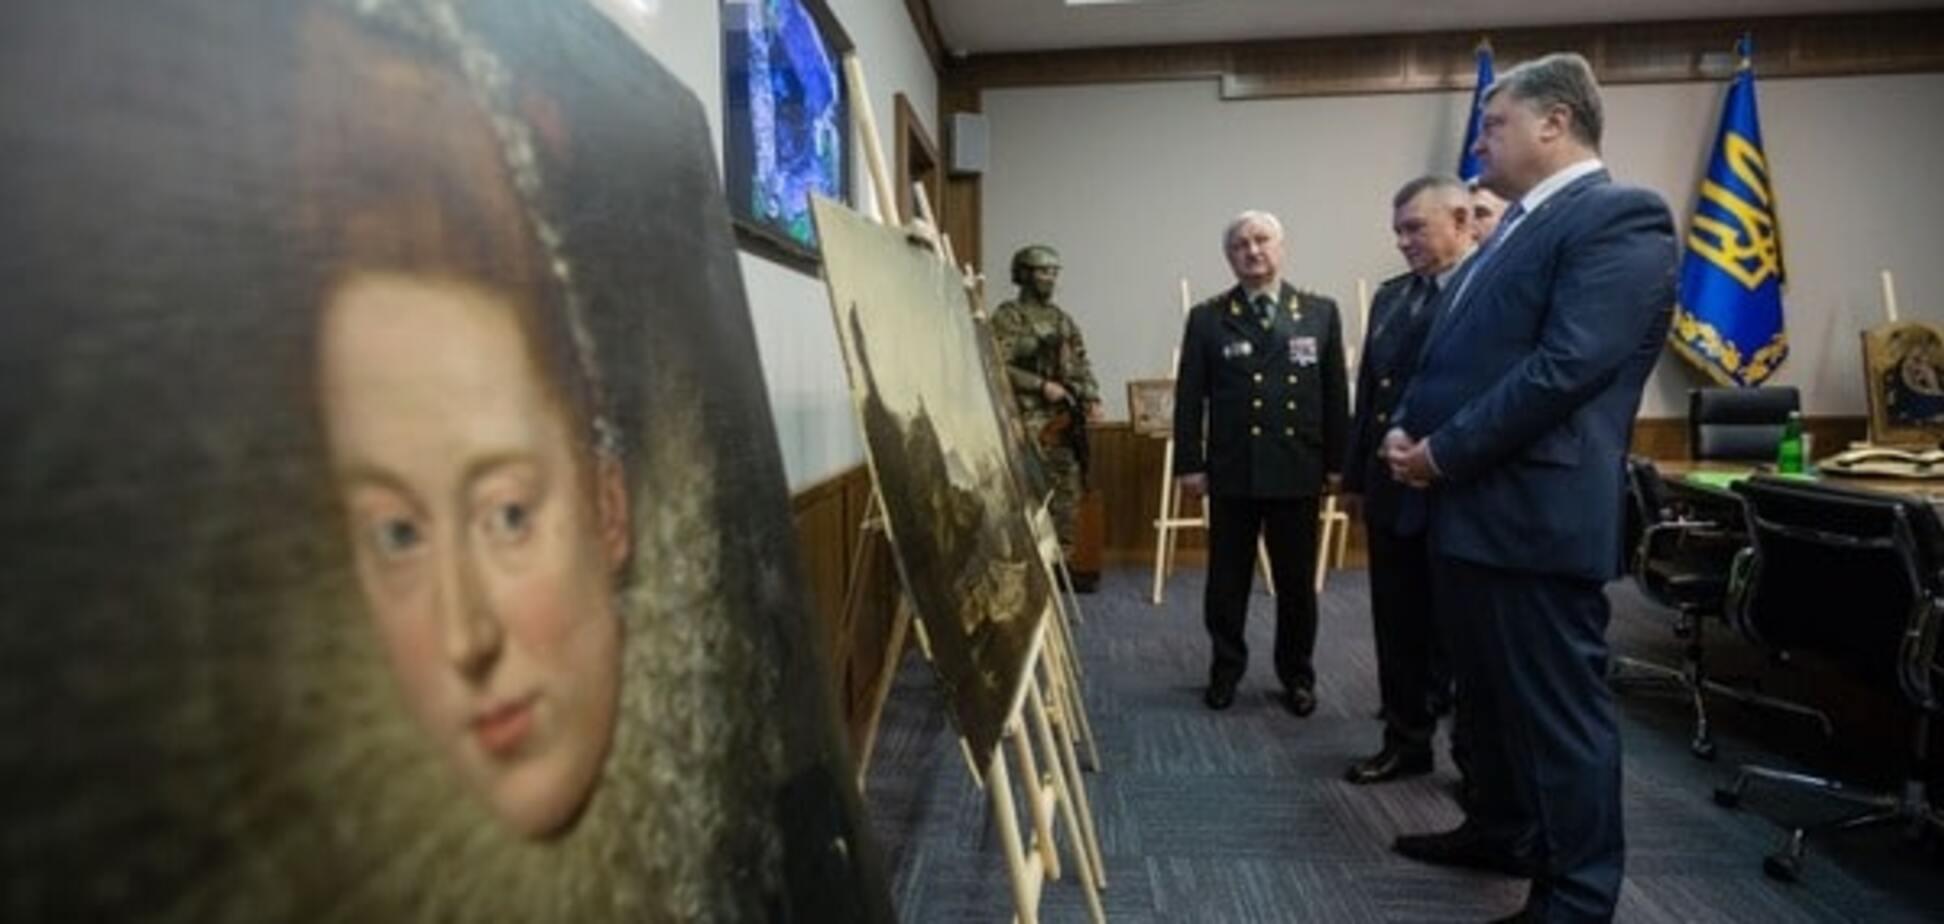 Прикордонники України знайшли викрадені у Вероні картини Рубенса, Пізанелло і Тінторетто на 16 млн євро